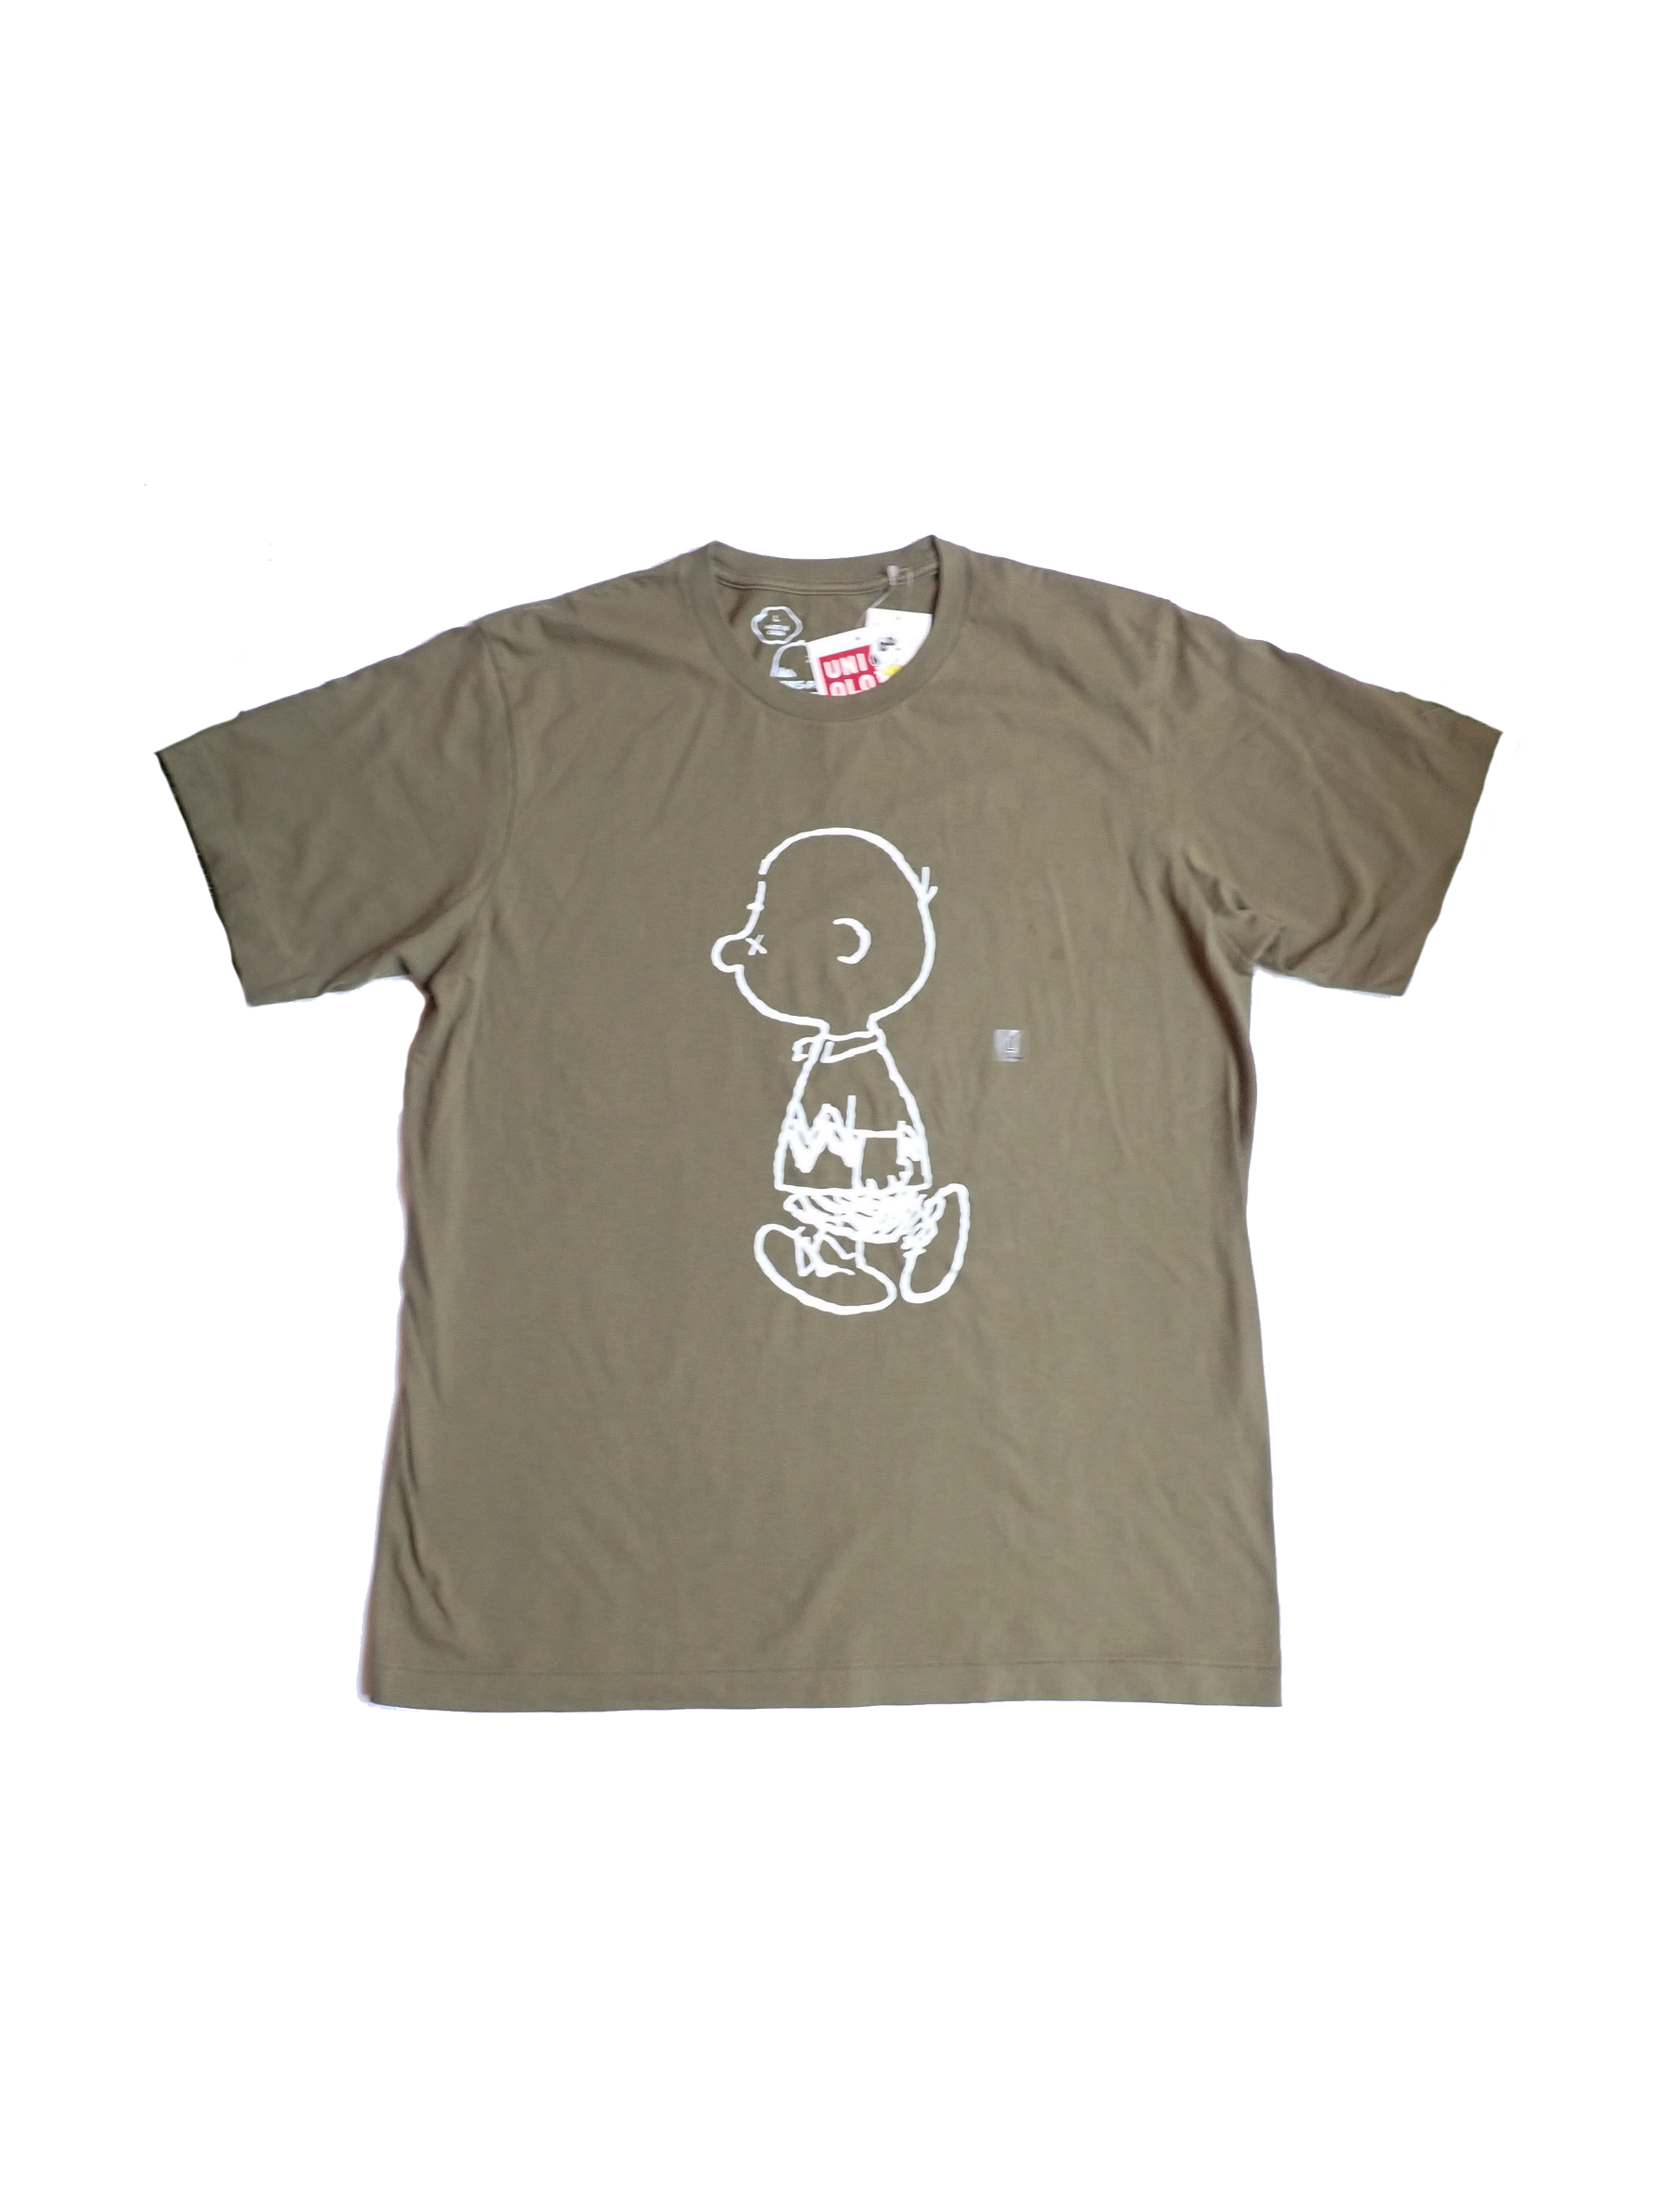 Uniqlo Peanuts Kaws T Shirt